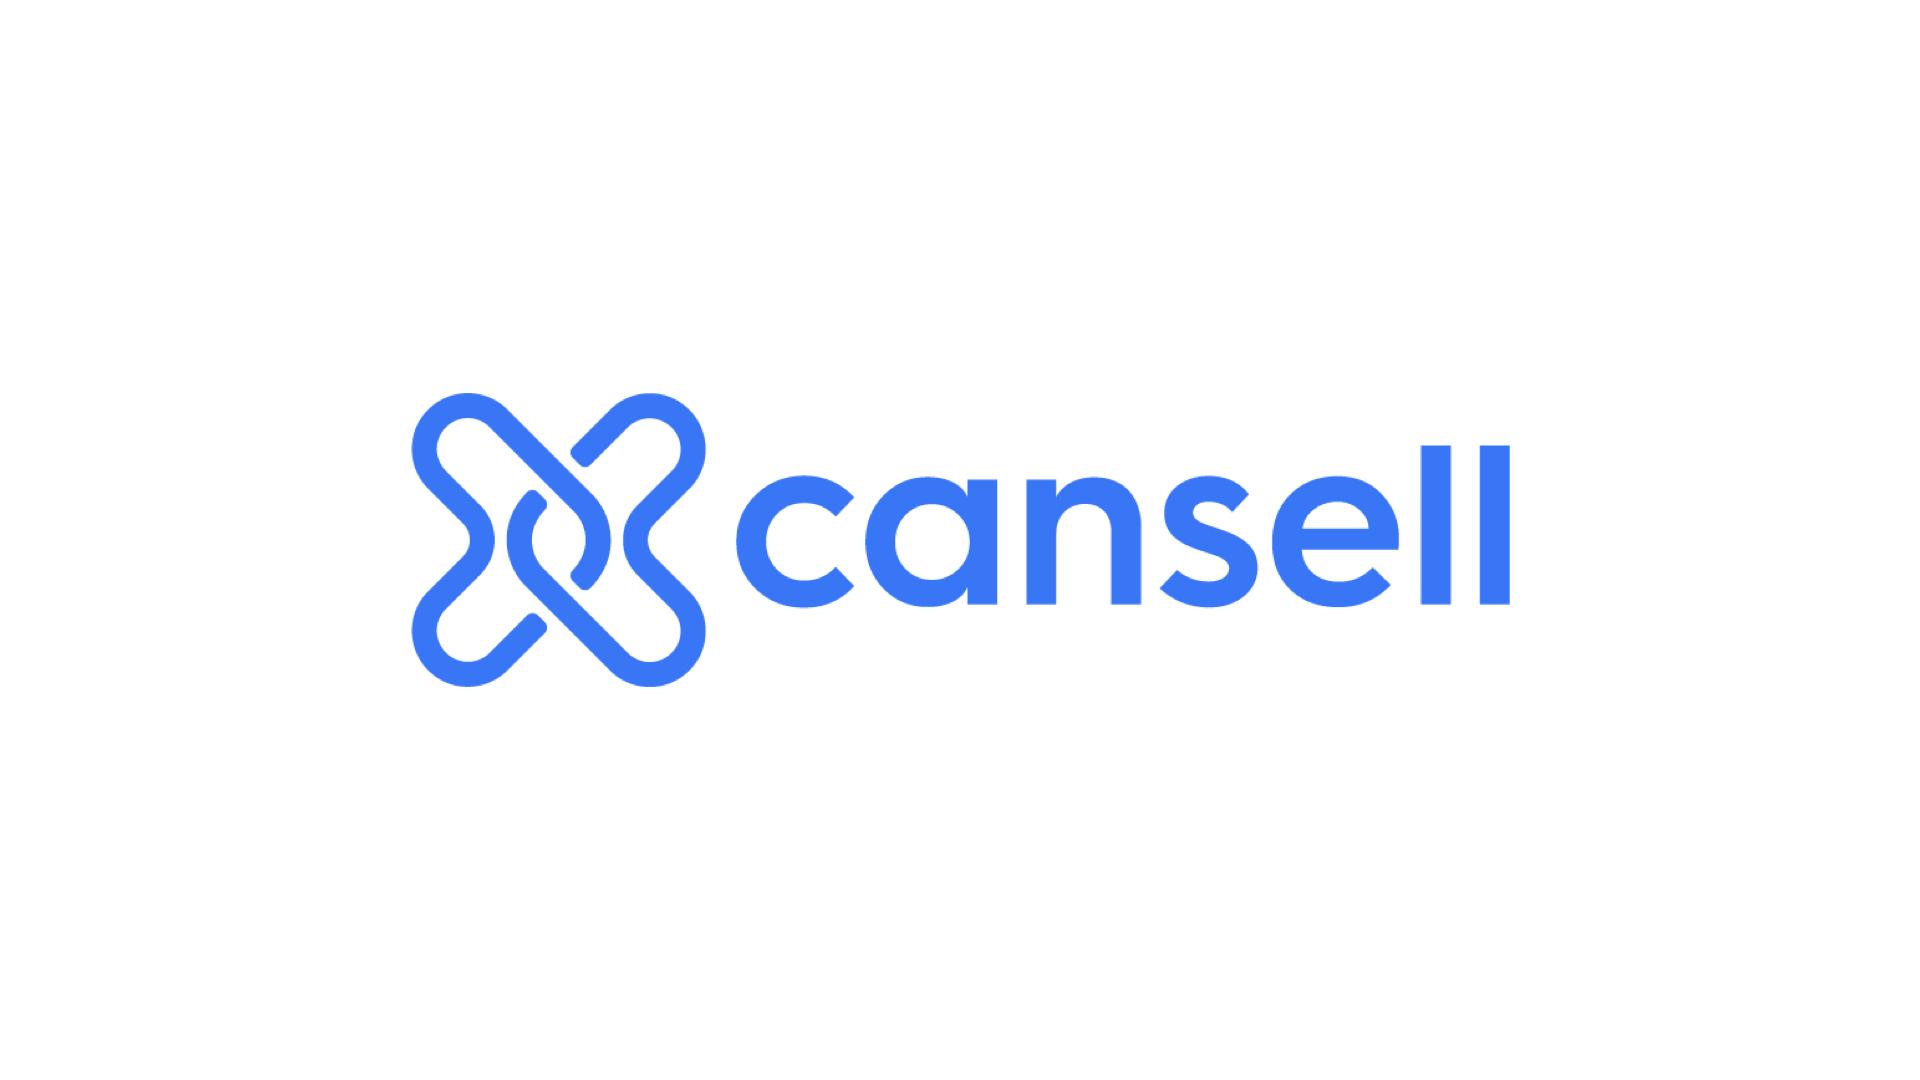 宿泊予約の権利売買「Cansell(キャンセル)」社、トリップアドバイザーと連携、宿泊施設の比較検索で